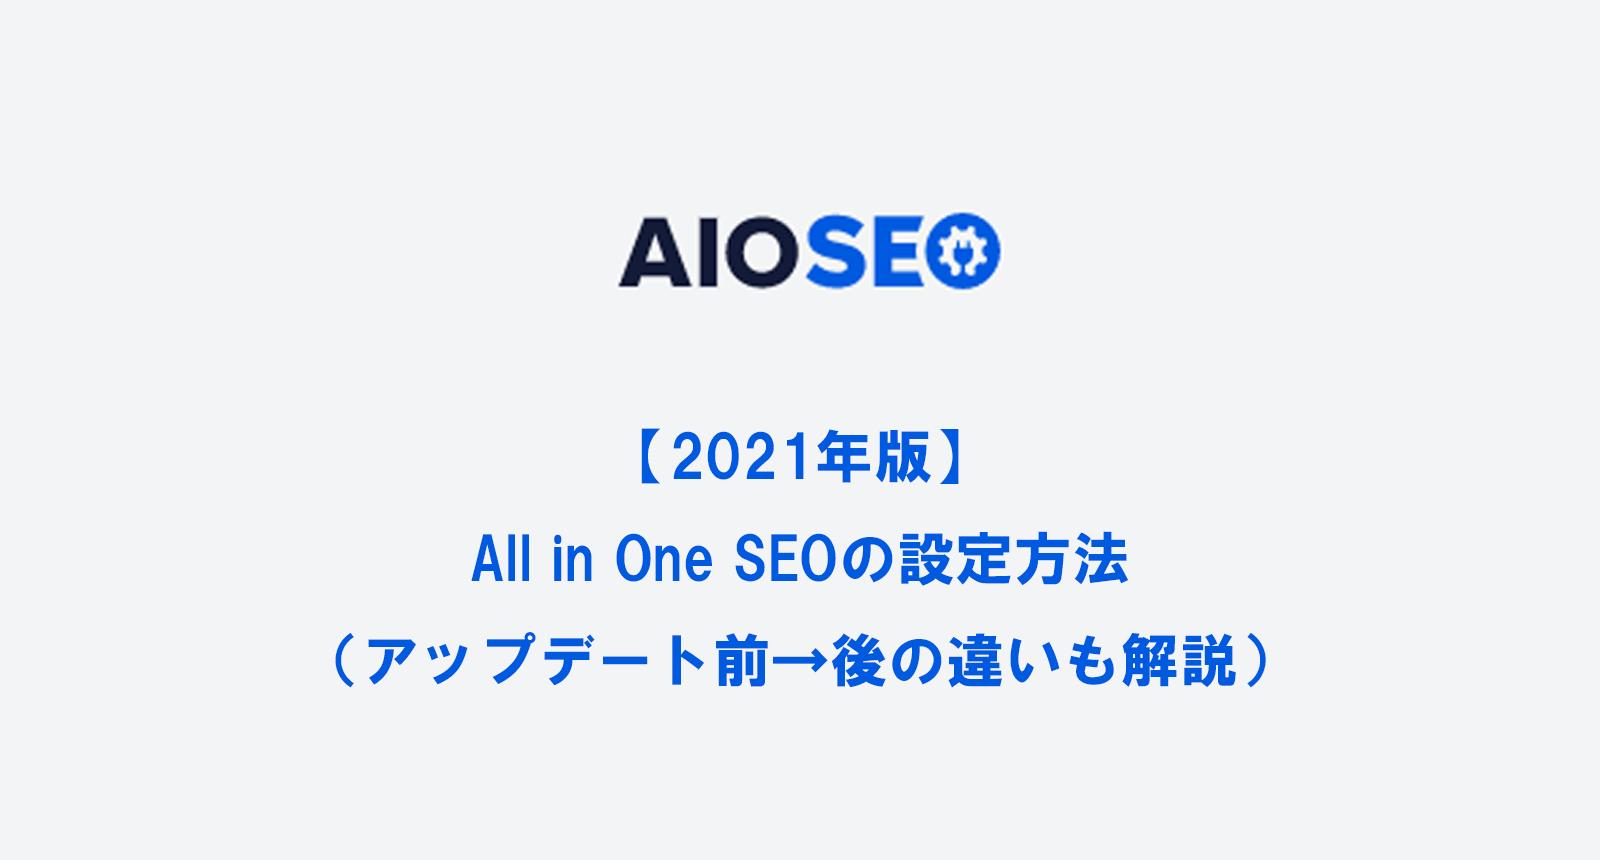 【2021年版】All in One SEOの設定方法(更新前と後の違いも解説)